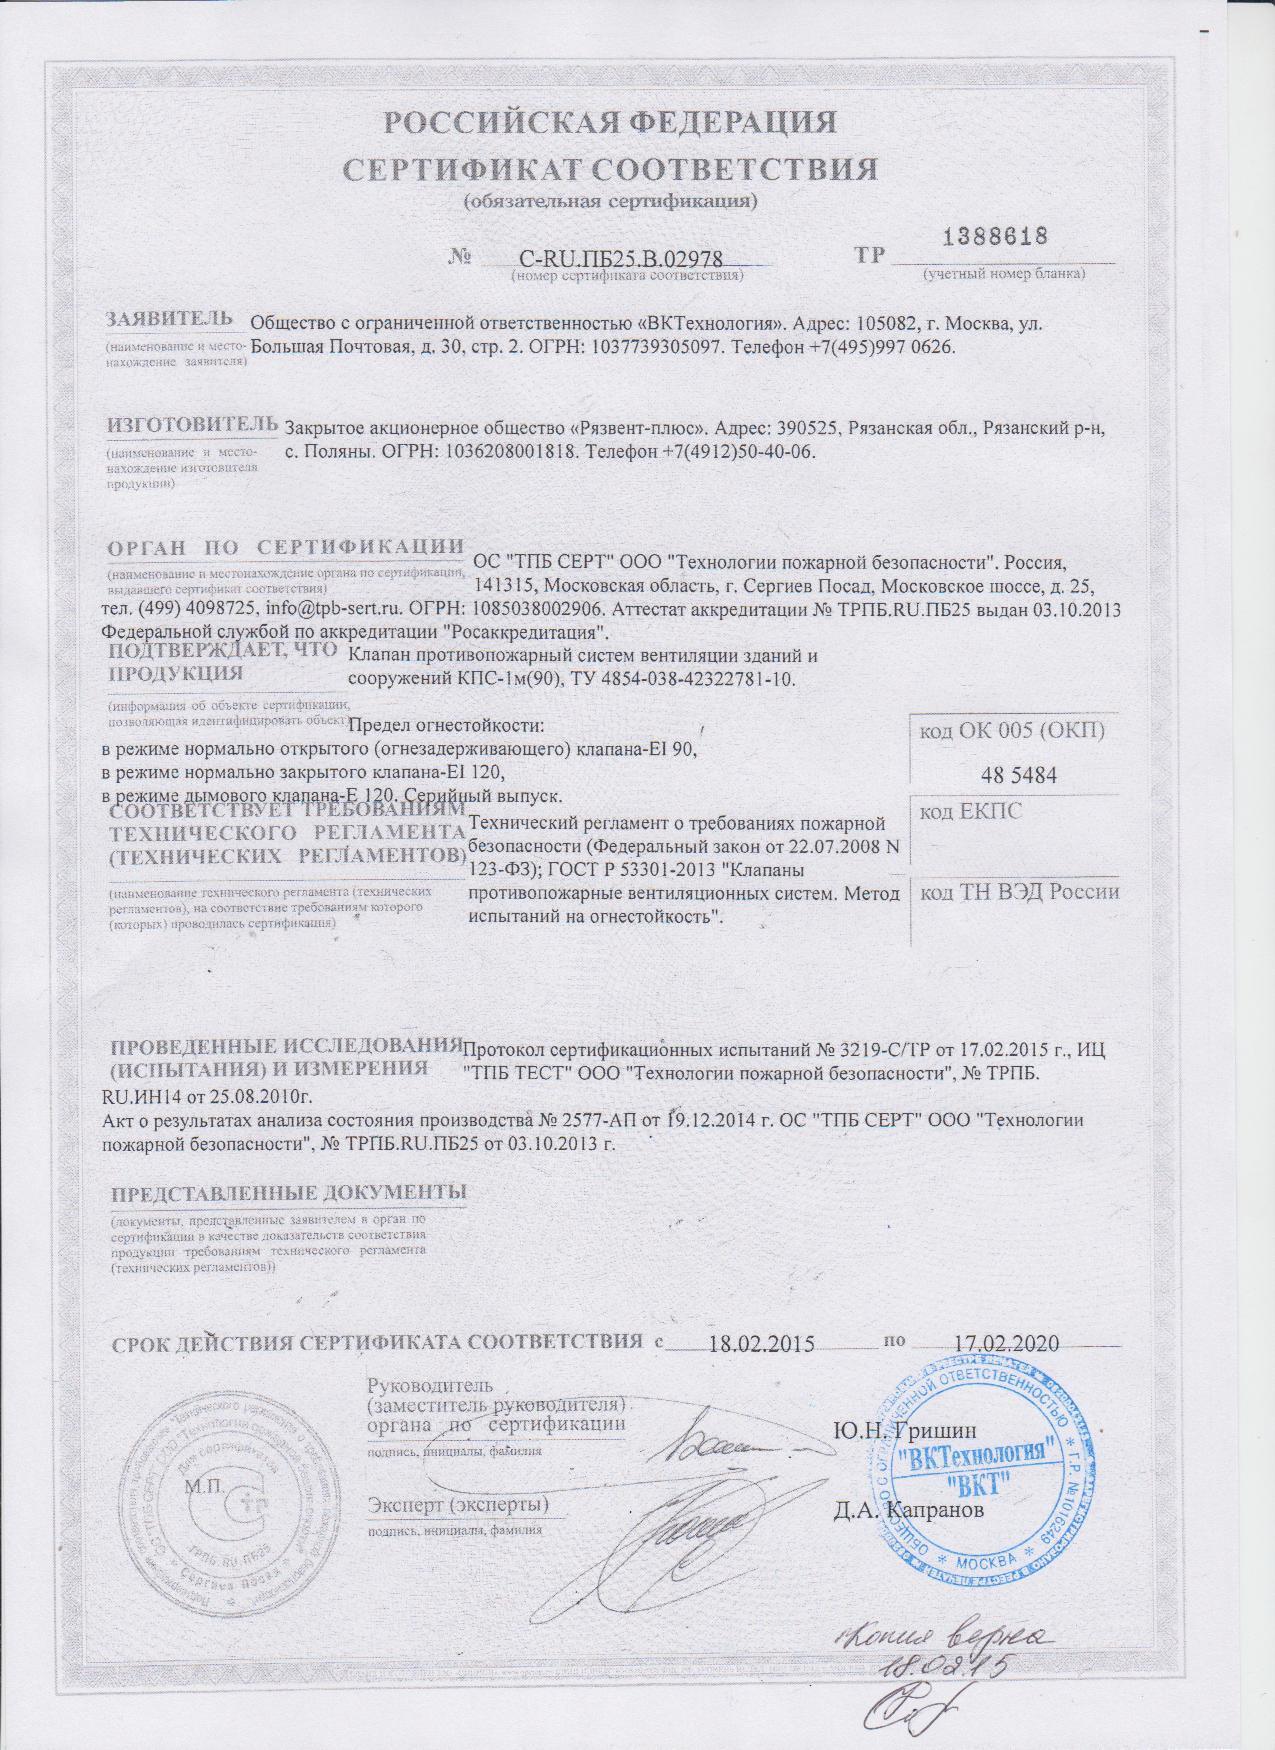 клапан кпс сертификат